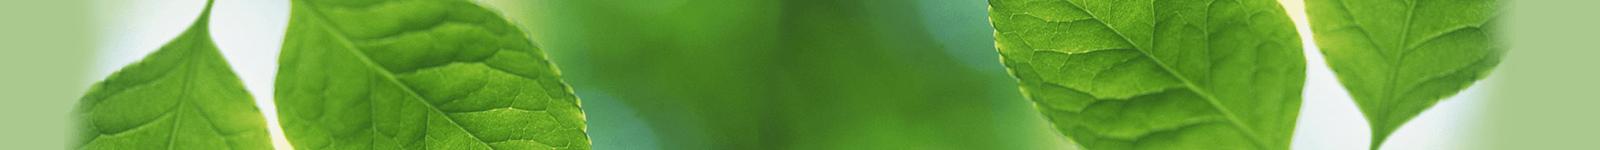 Hintergrundbild mit Blättern